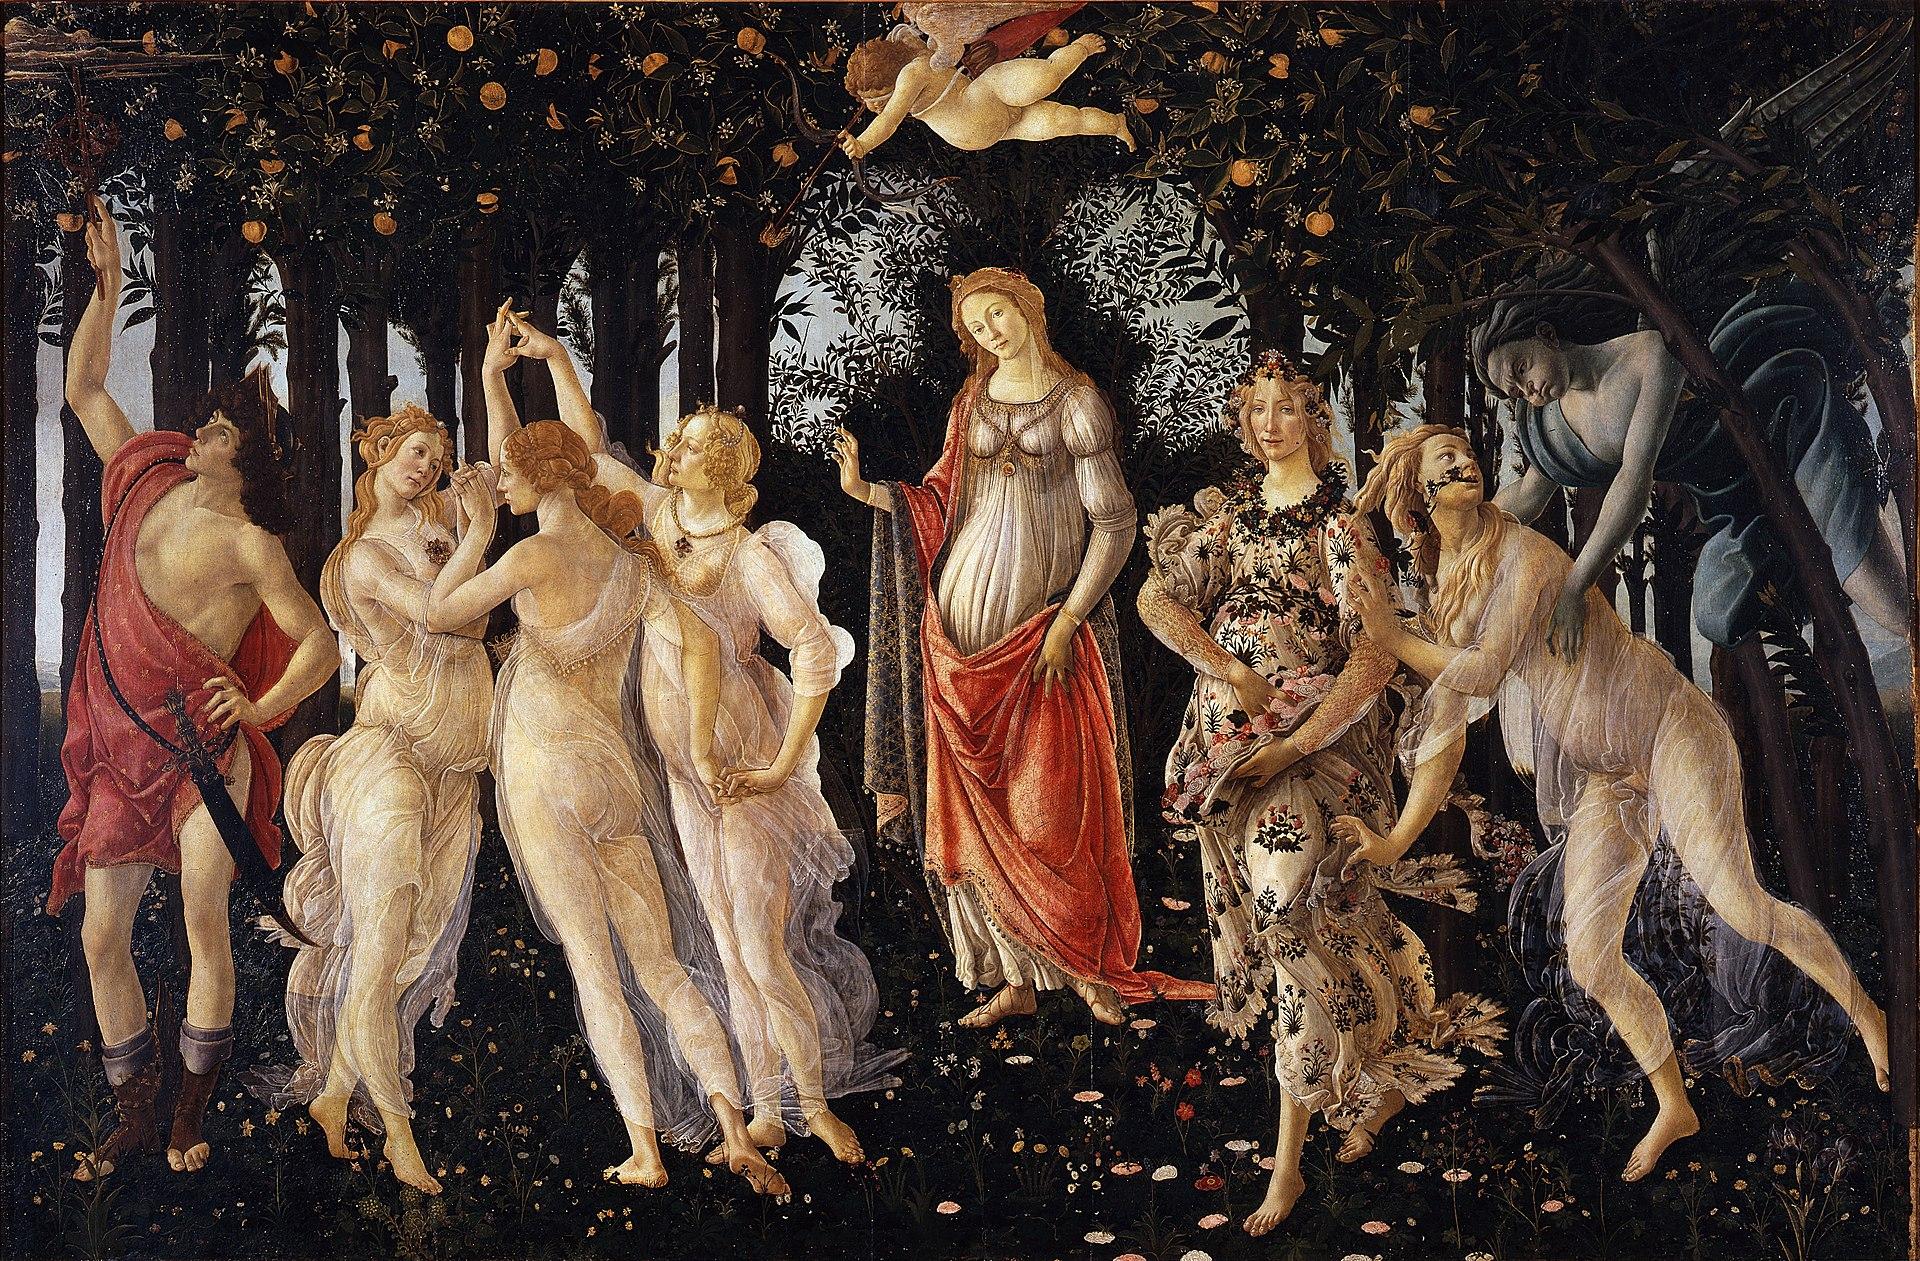 1920px_Botticelli_primavera